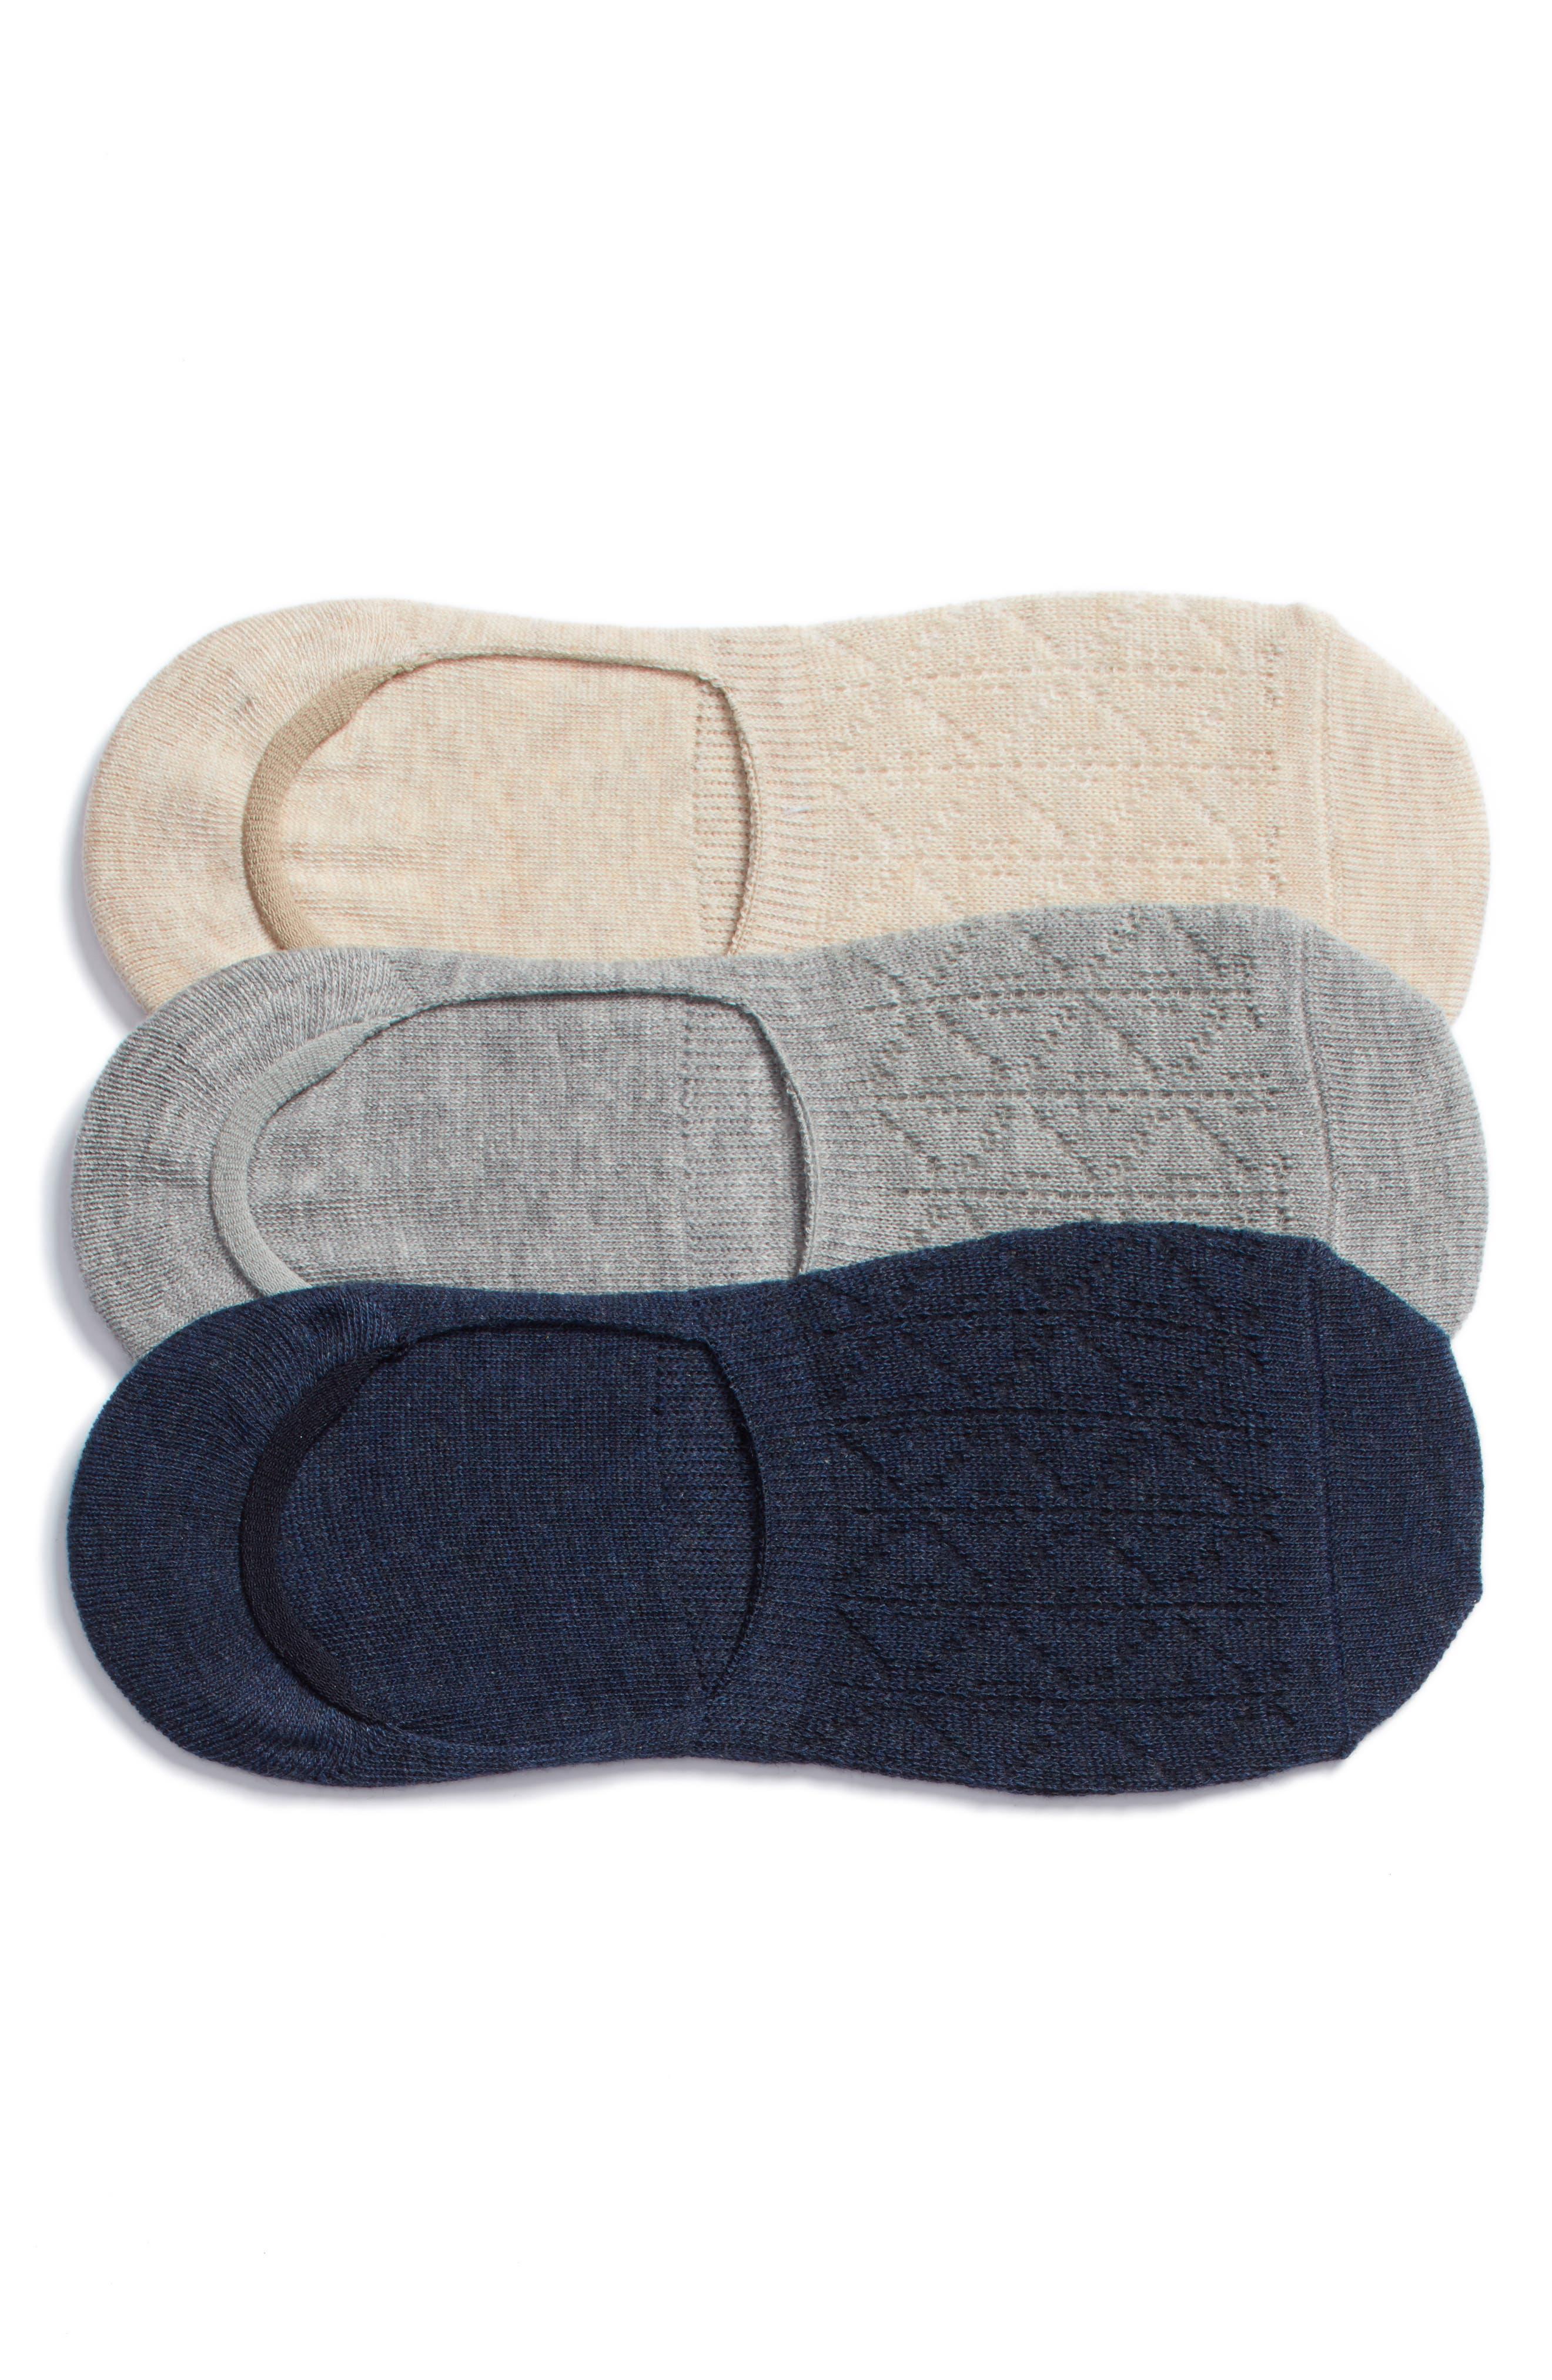 Treasure & Bond 3-Pack Pointelle Liner Socks